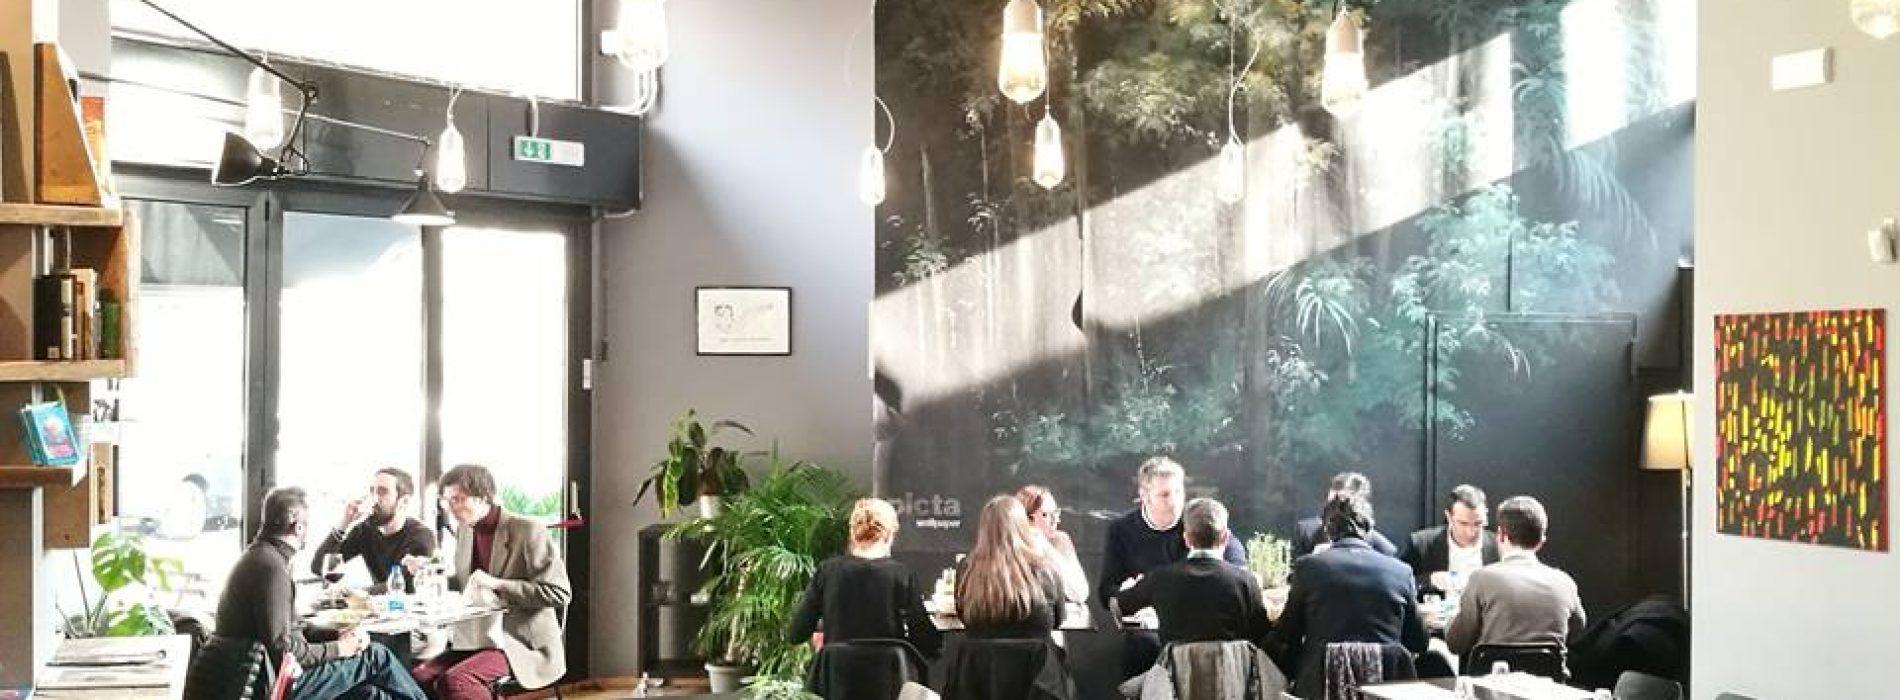 Eventi Milano gennaio 2017: Gatsby bar da Santeria Social Club, body training e colazione detox da V3Raw